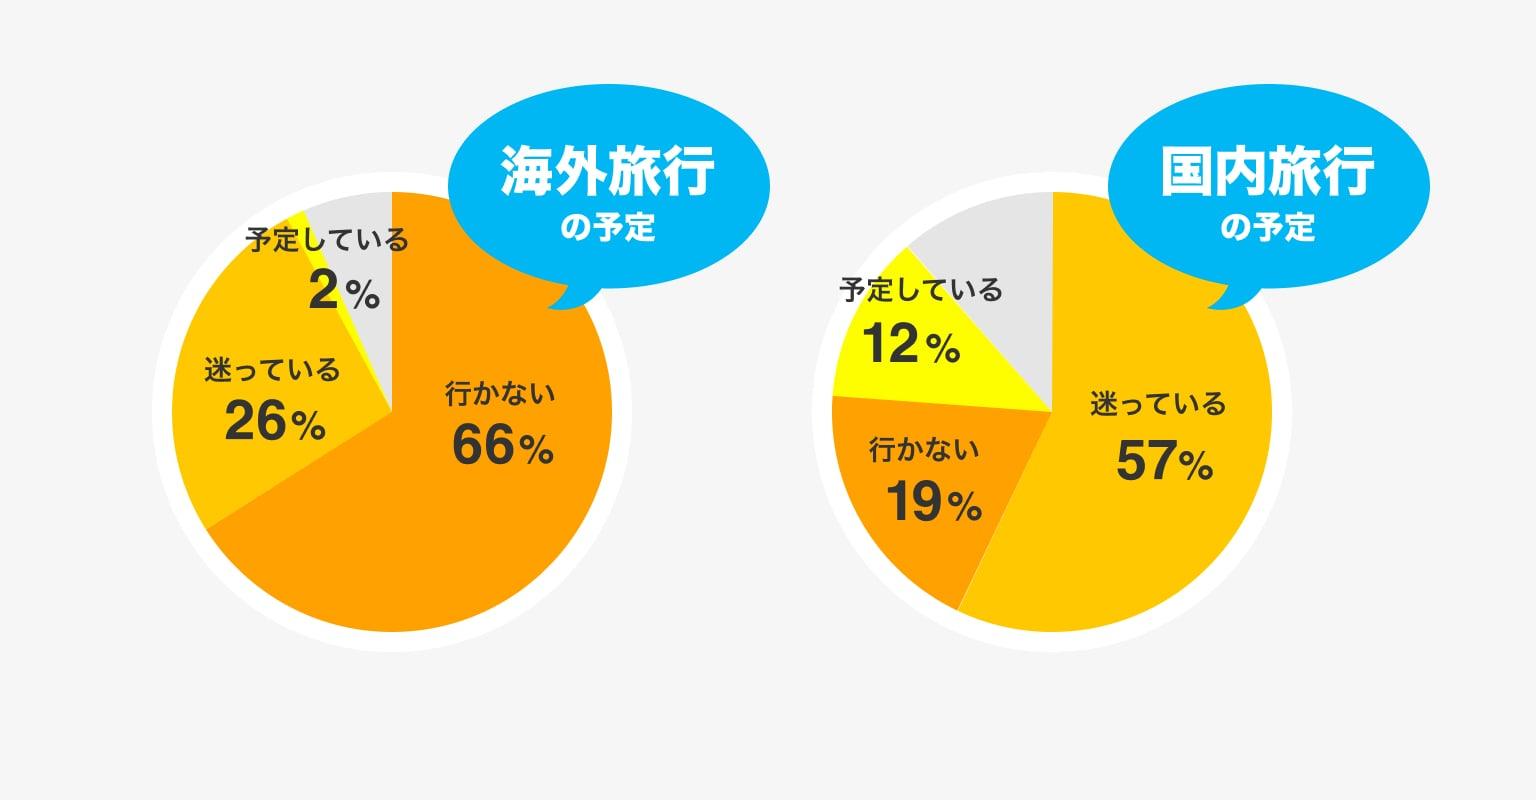 夏休み海外旅行を計画してる人わずか5%、国内旅行でも計画している人はわずか12%。迷っている人は約60%に。